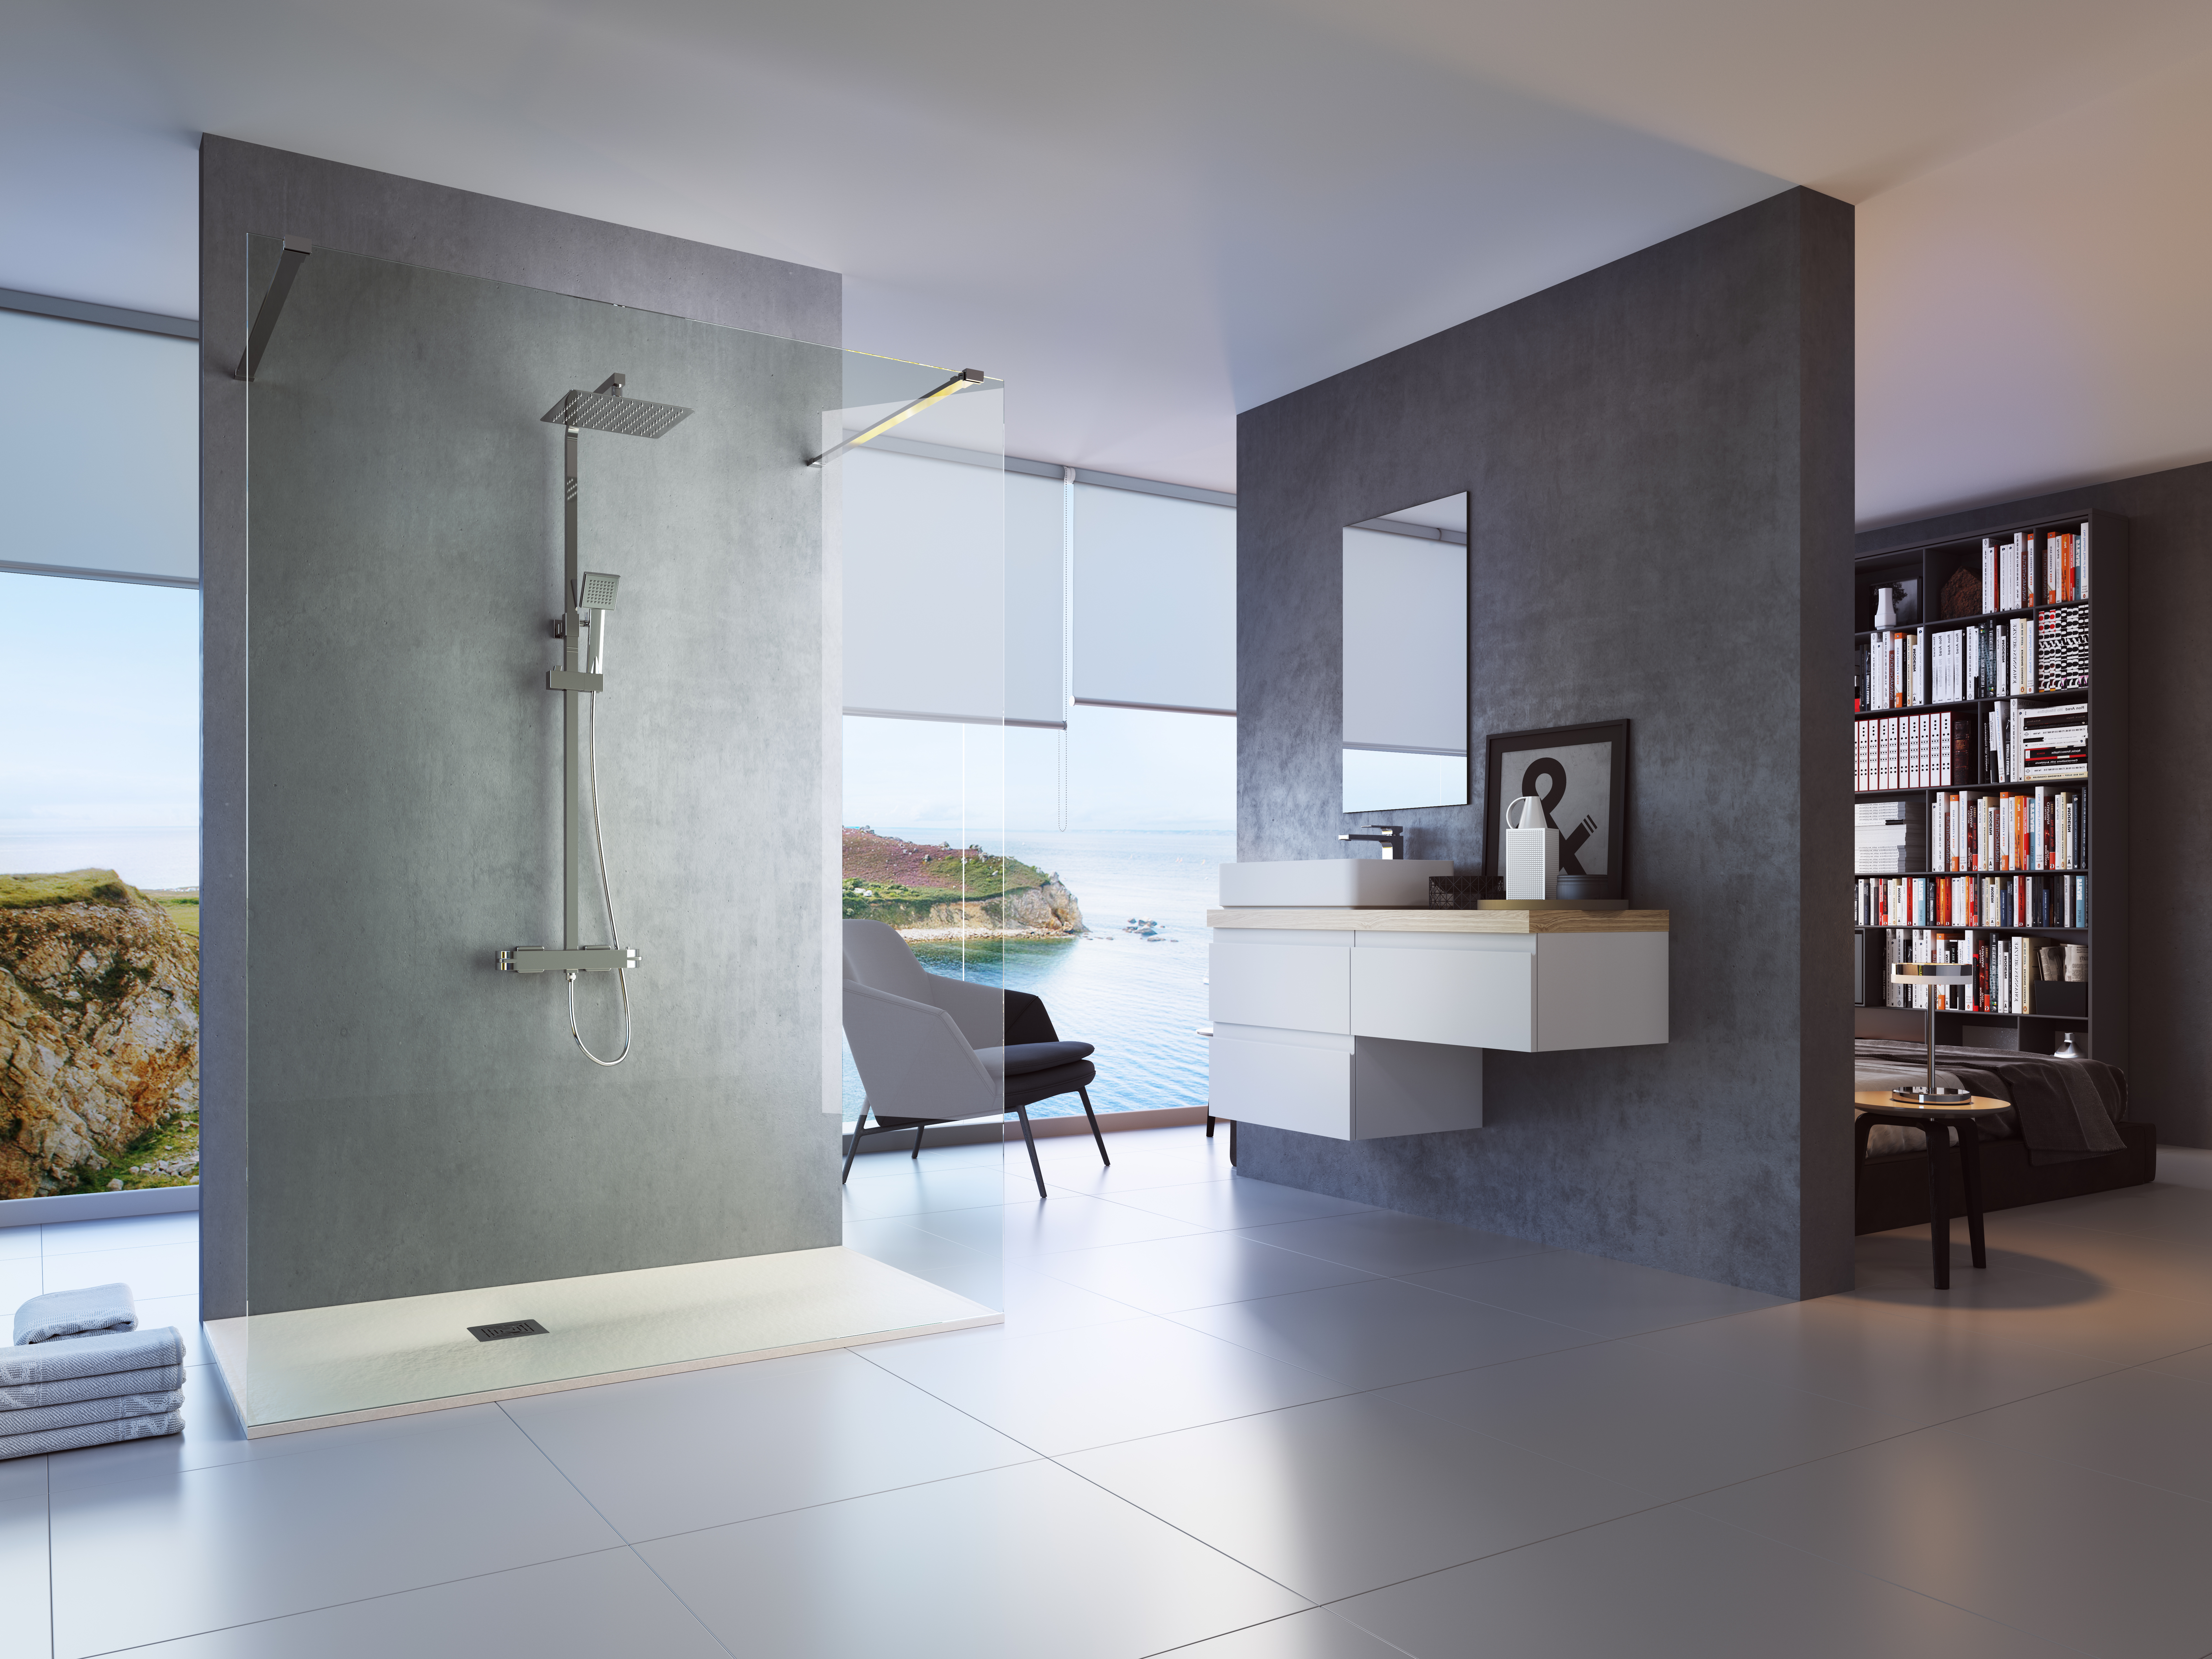 Teka presenta sus novedades en baño con su marca Strohm